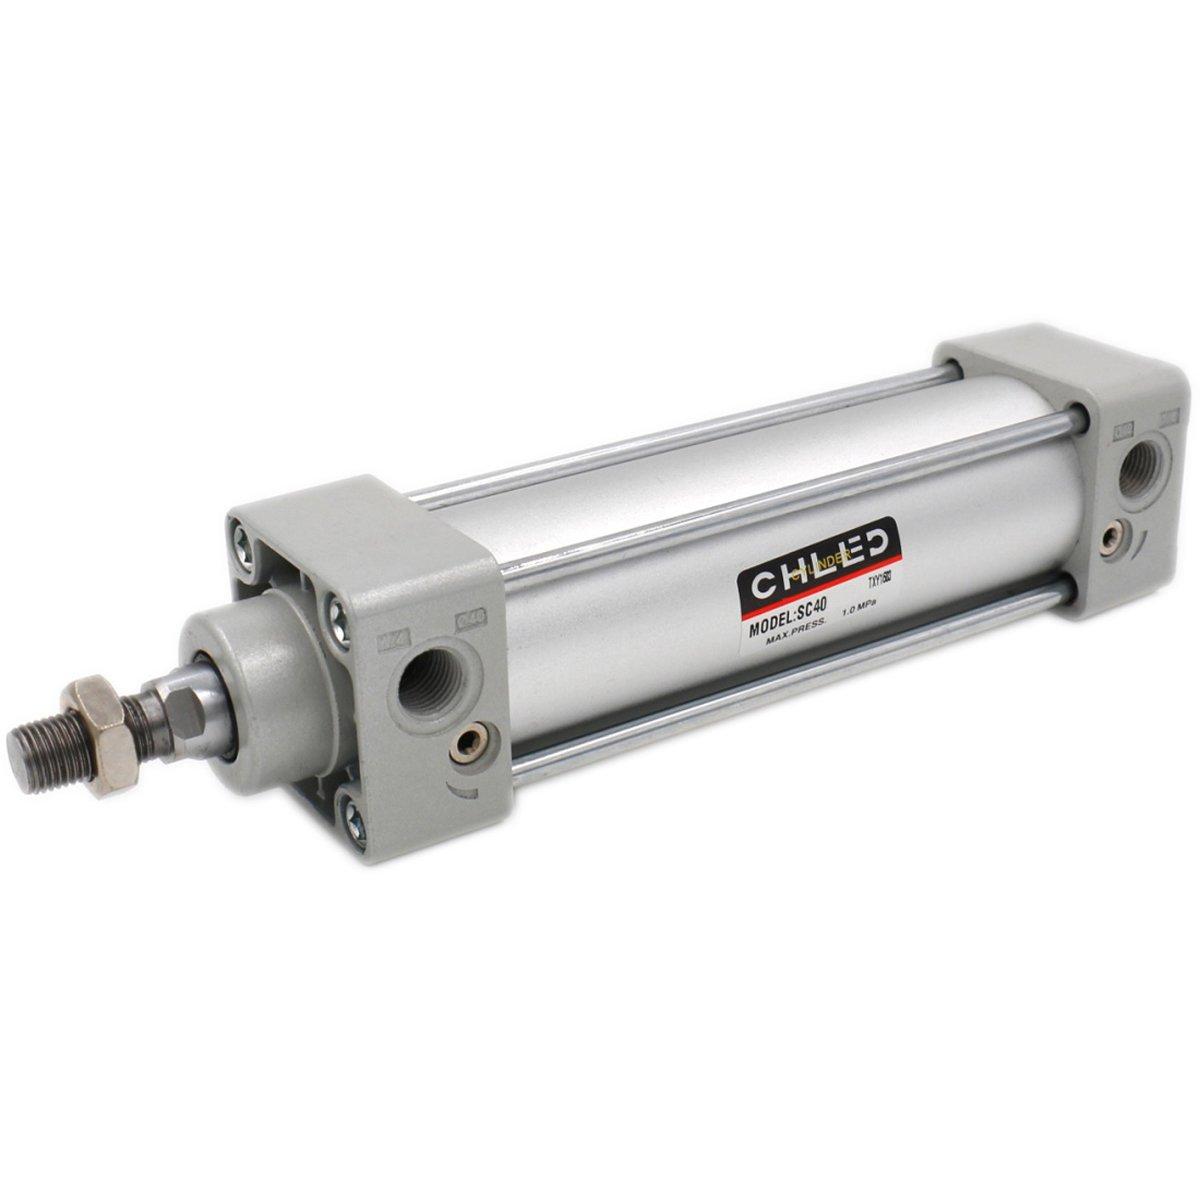 Heschen pneumatico standard cilindro SC 40 –  125 PT1/4 porte 40 mm diametro 125 mm, corsa a doppio effetto CHLED Pneumatic